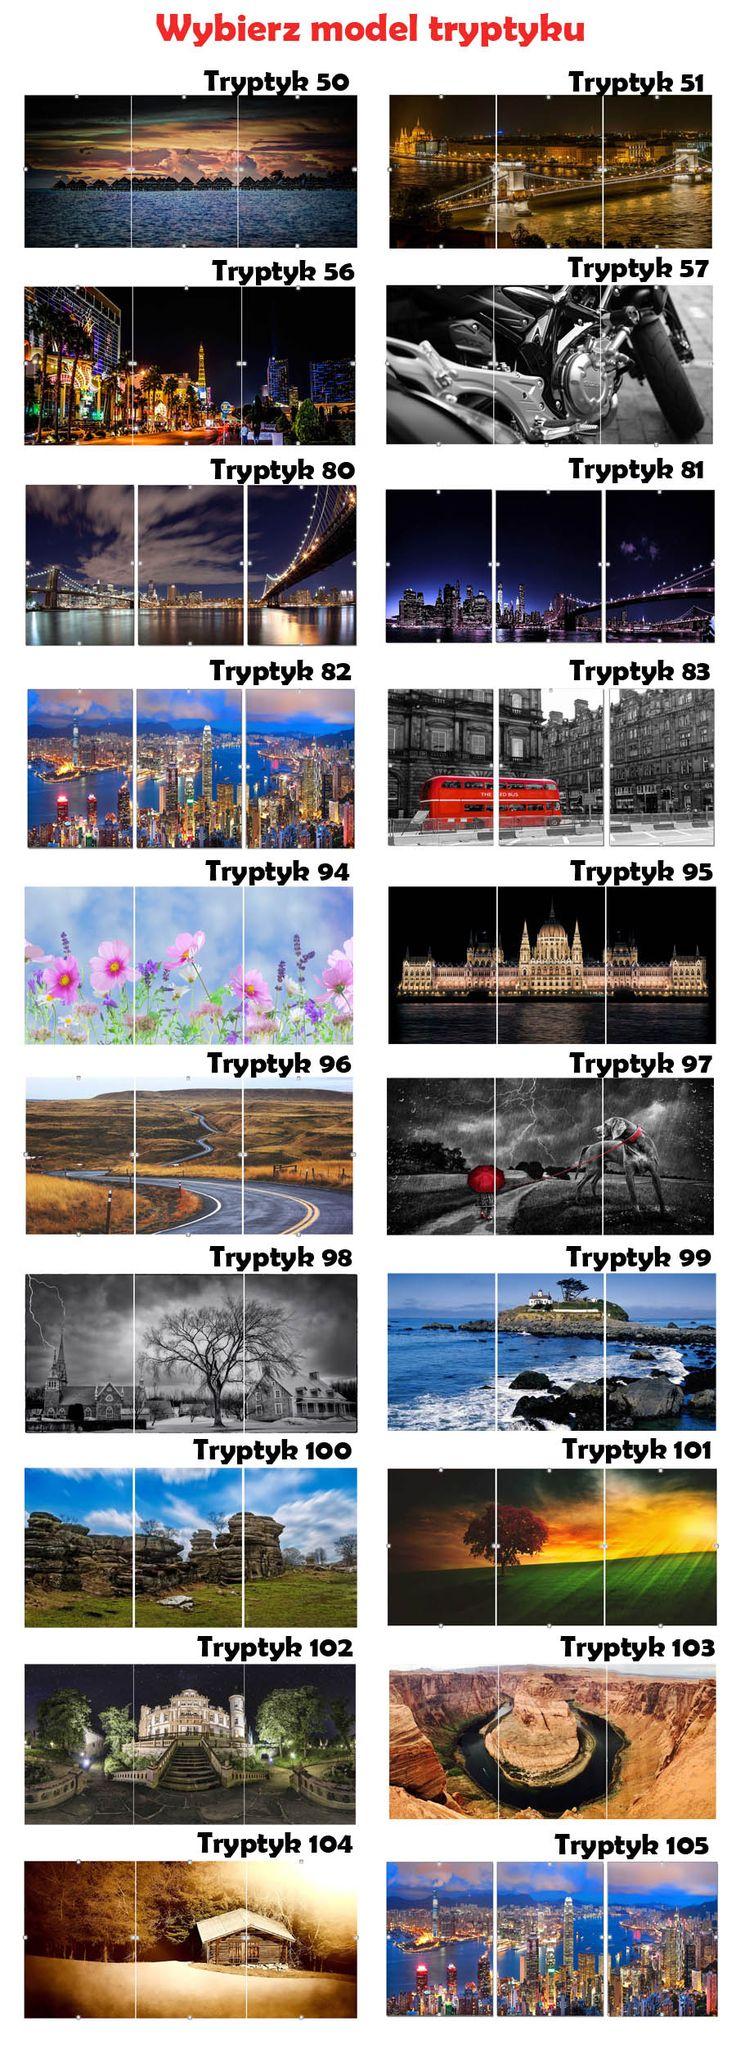 #Tryptyk w antyramie. Trzy części jednego obrazu, każda w formacie A2, A3 lub A4. Zobacz nasze tryptyki na http://bit.ly/A2A3A4tryptyk #obraz #antyrama #wydruk #grafika